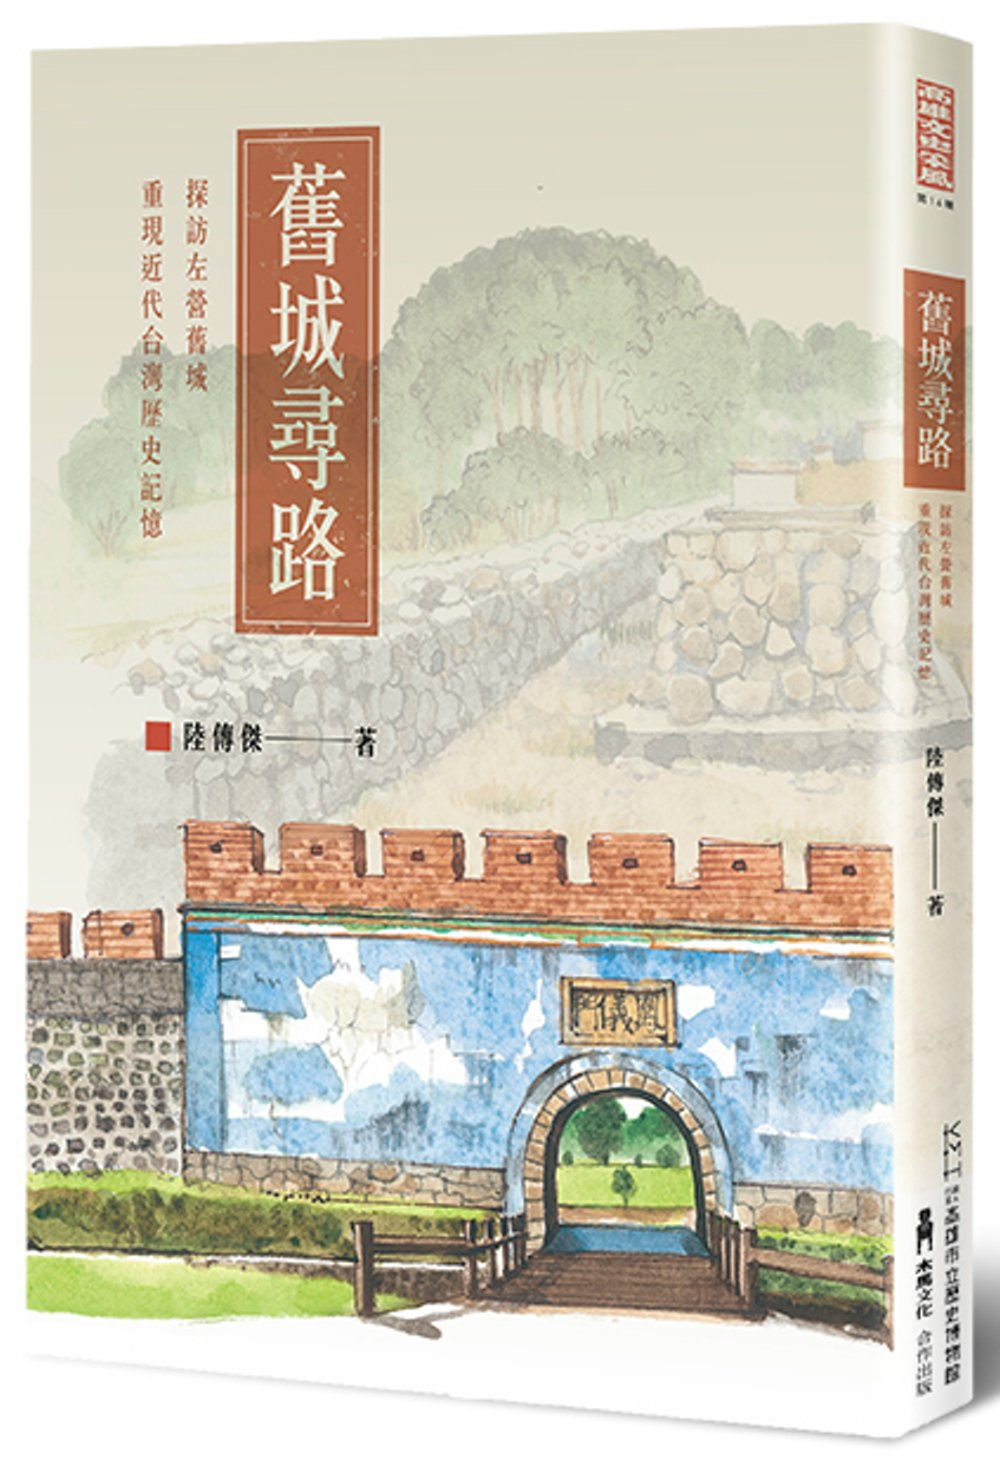 舊城尋路:探訪左營舊城,重現近代台灣歷史記憶